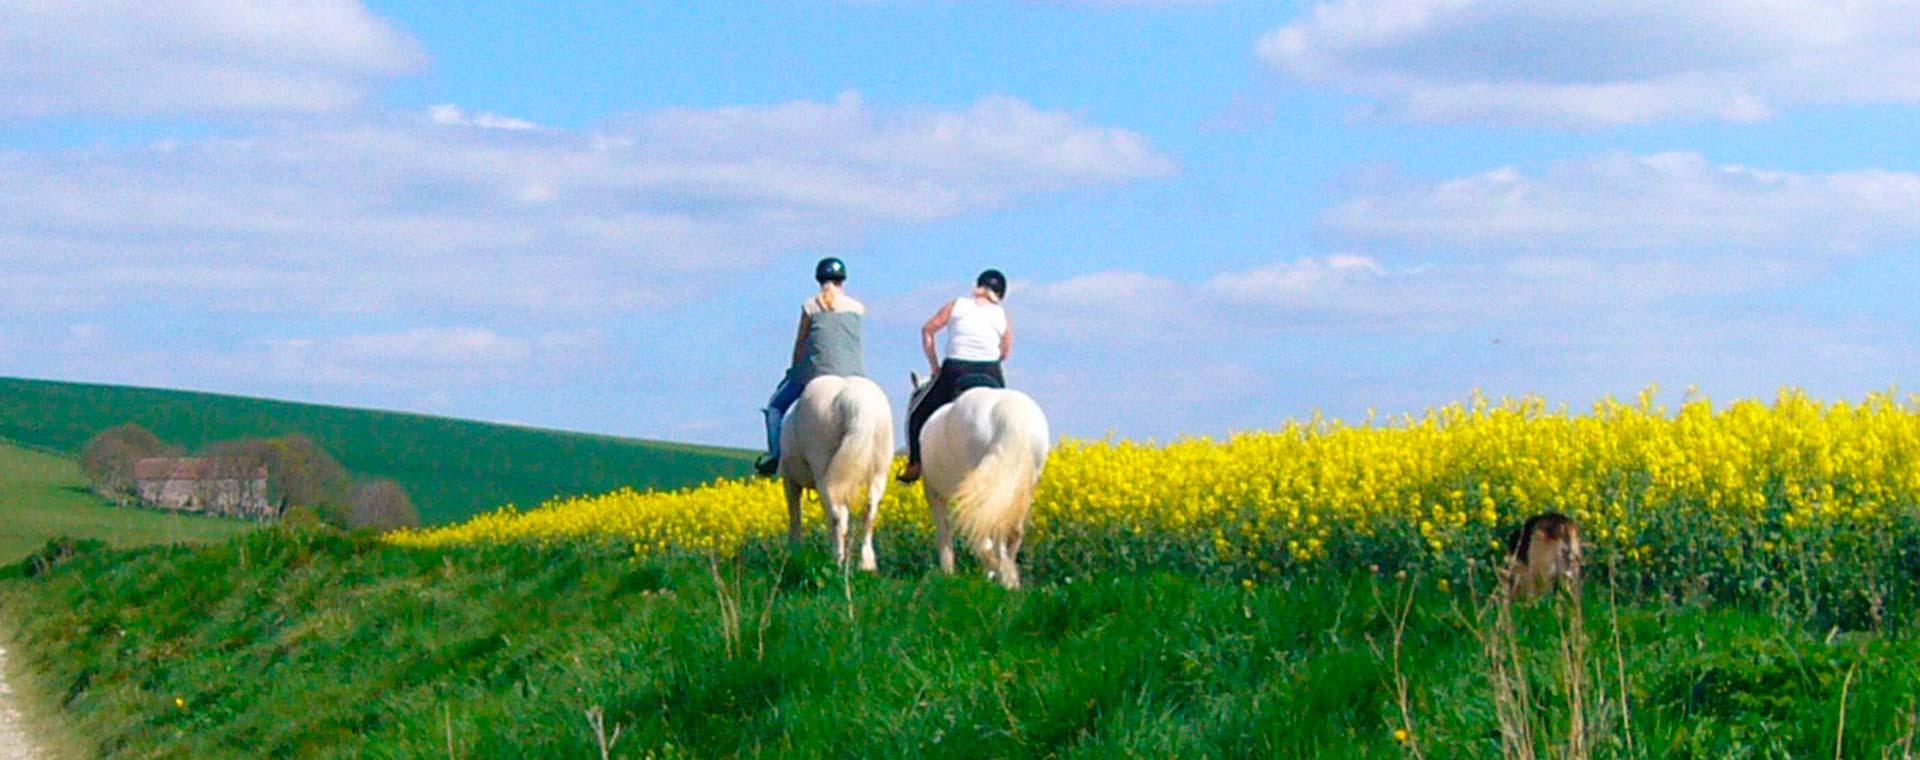 Experiencia montar a caballo